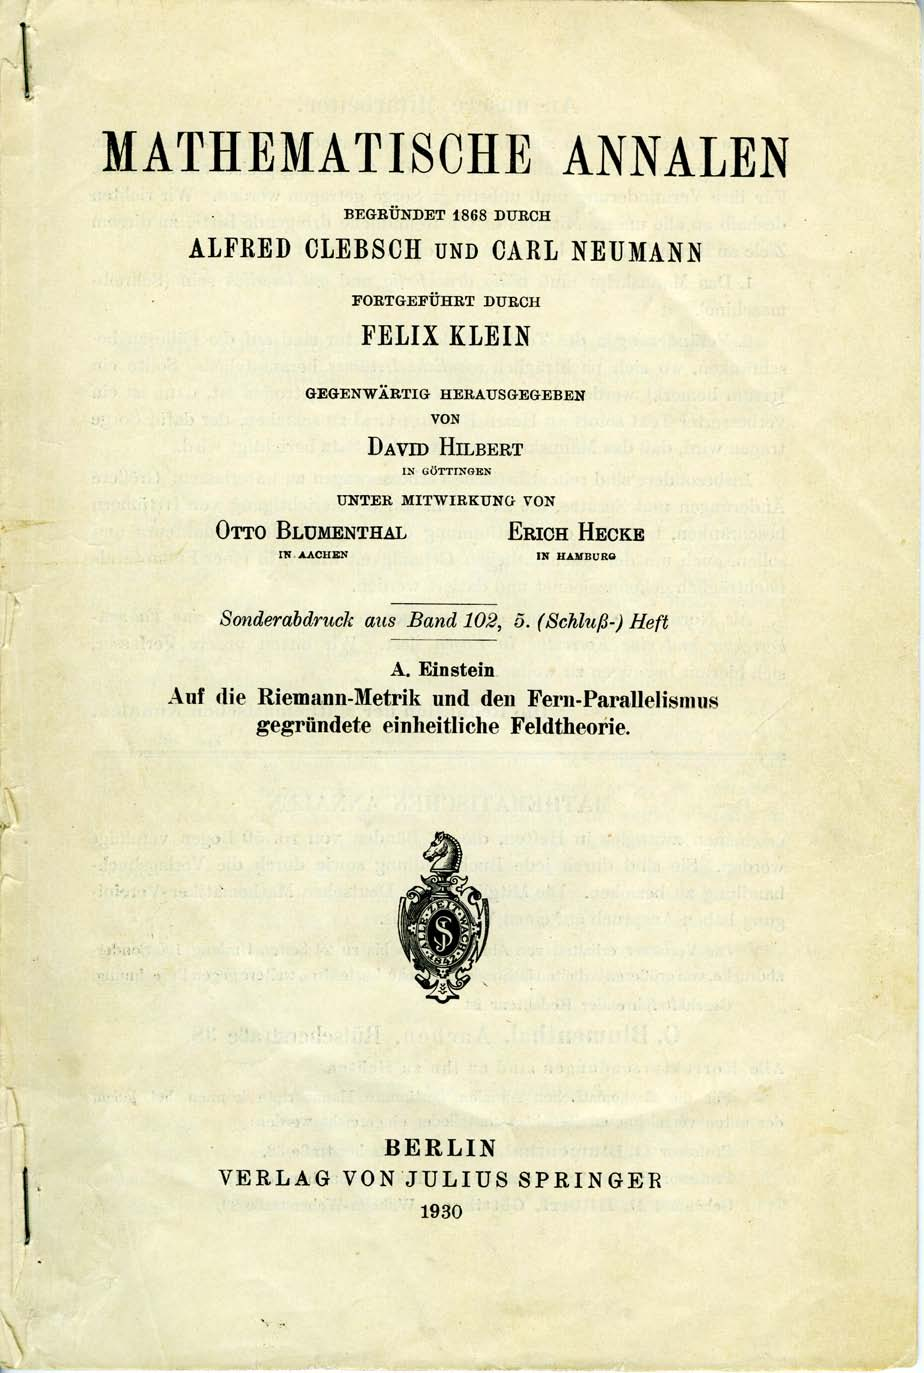 Published Version of Einstein's Manuscript